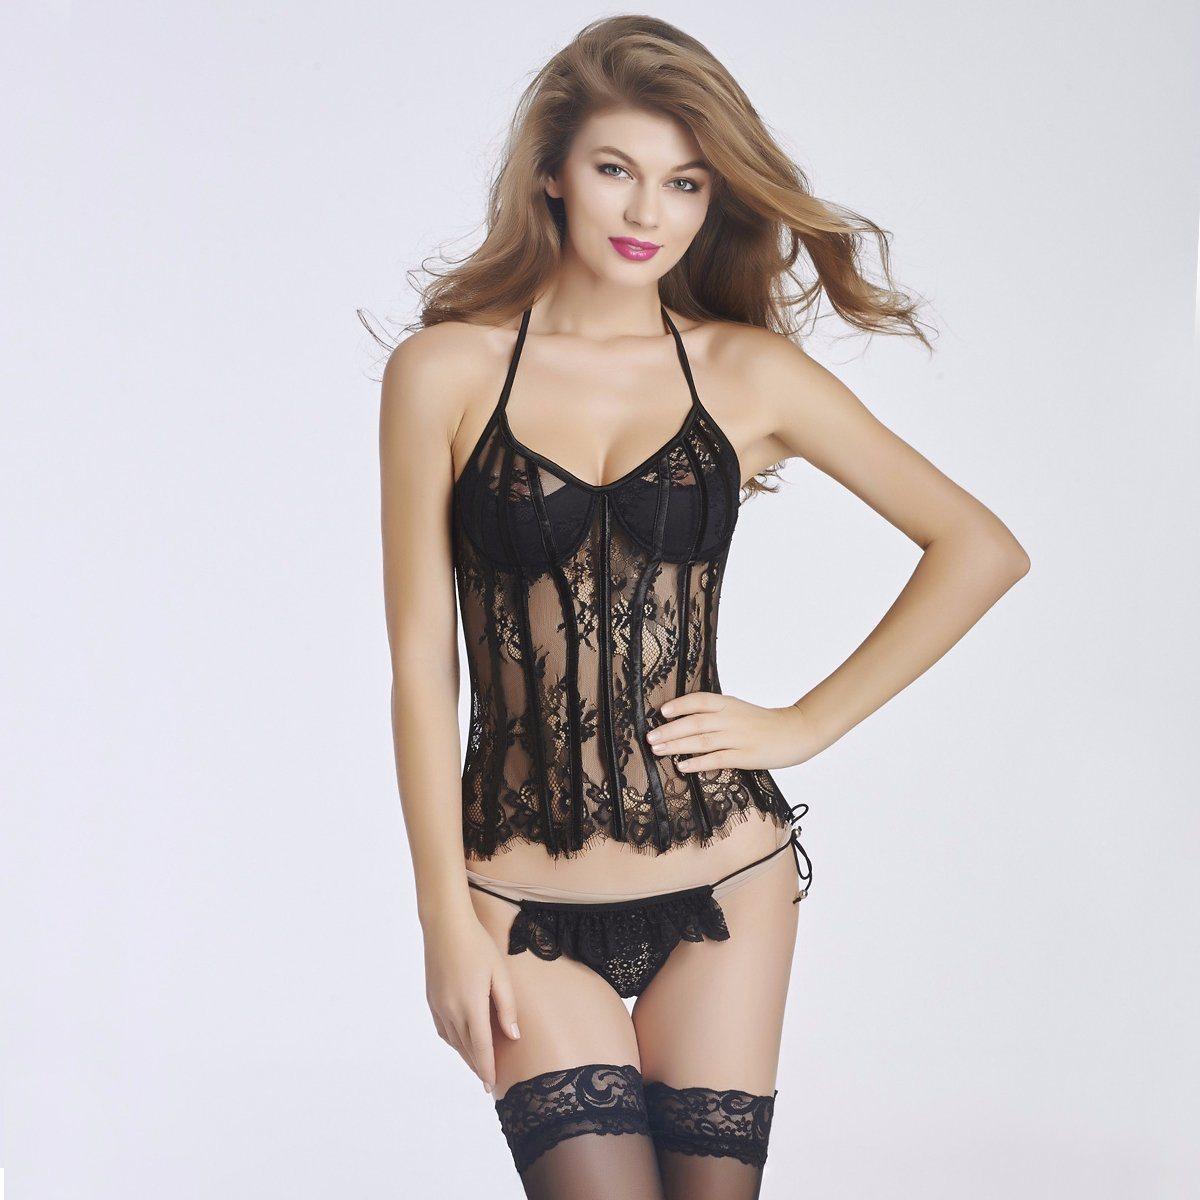 Women′s Sexy Waist Cincher Corset Lingerie with Garter Belt